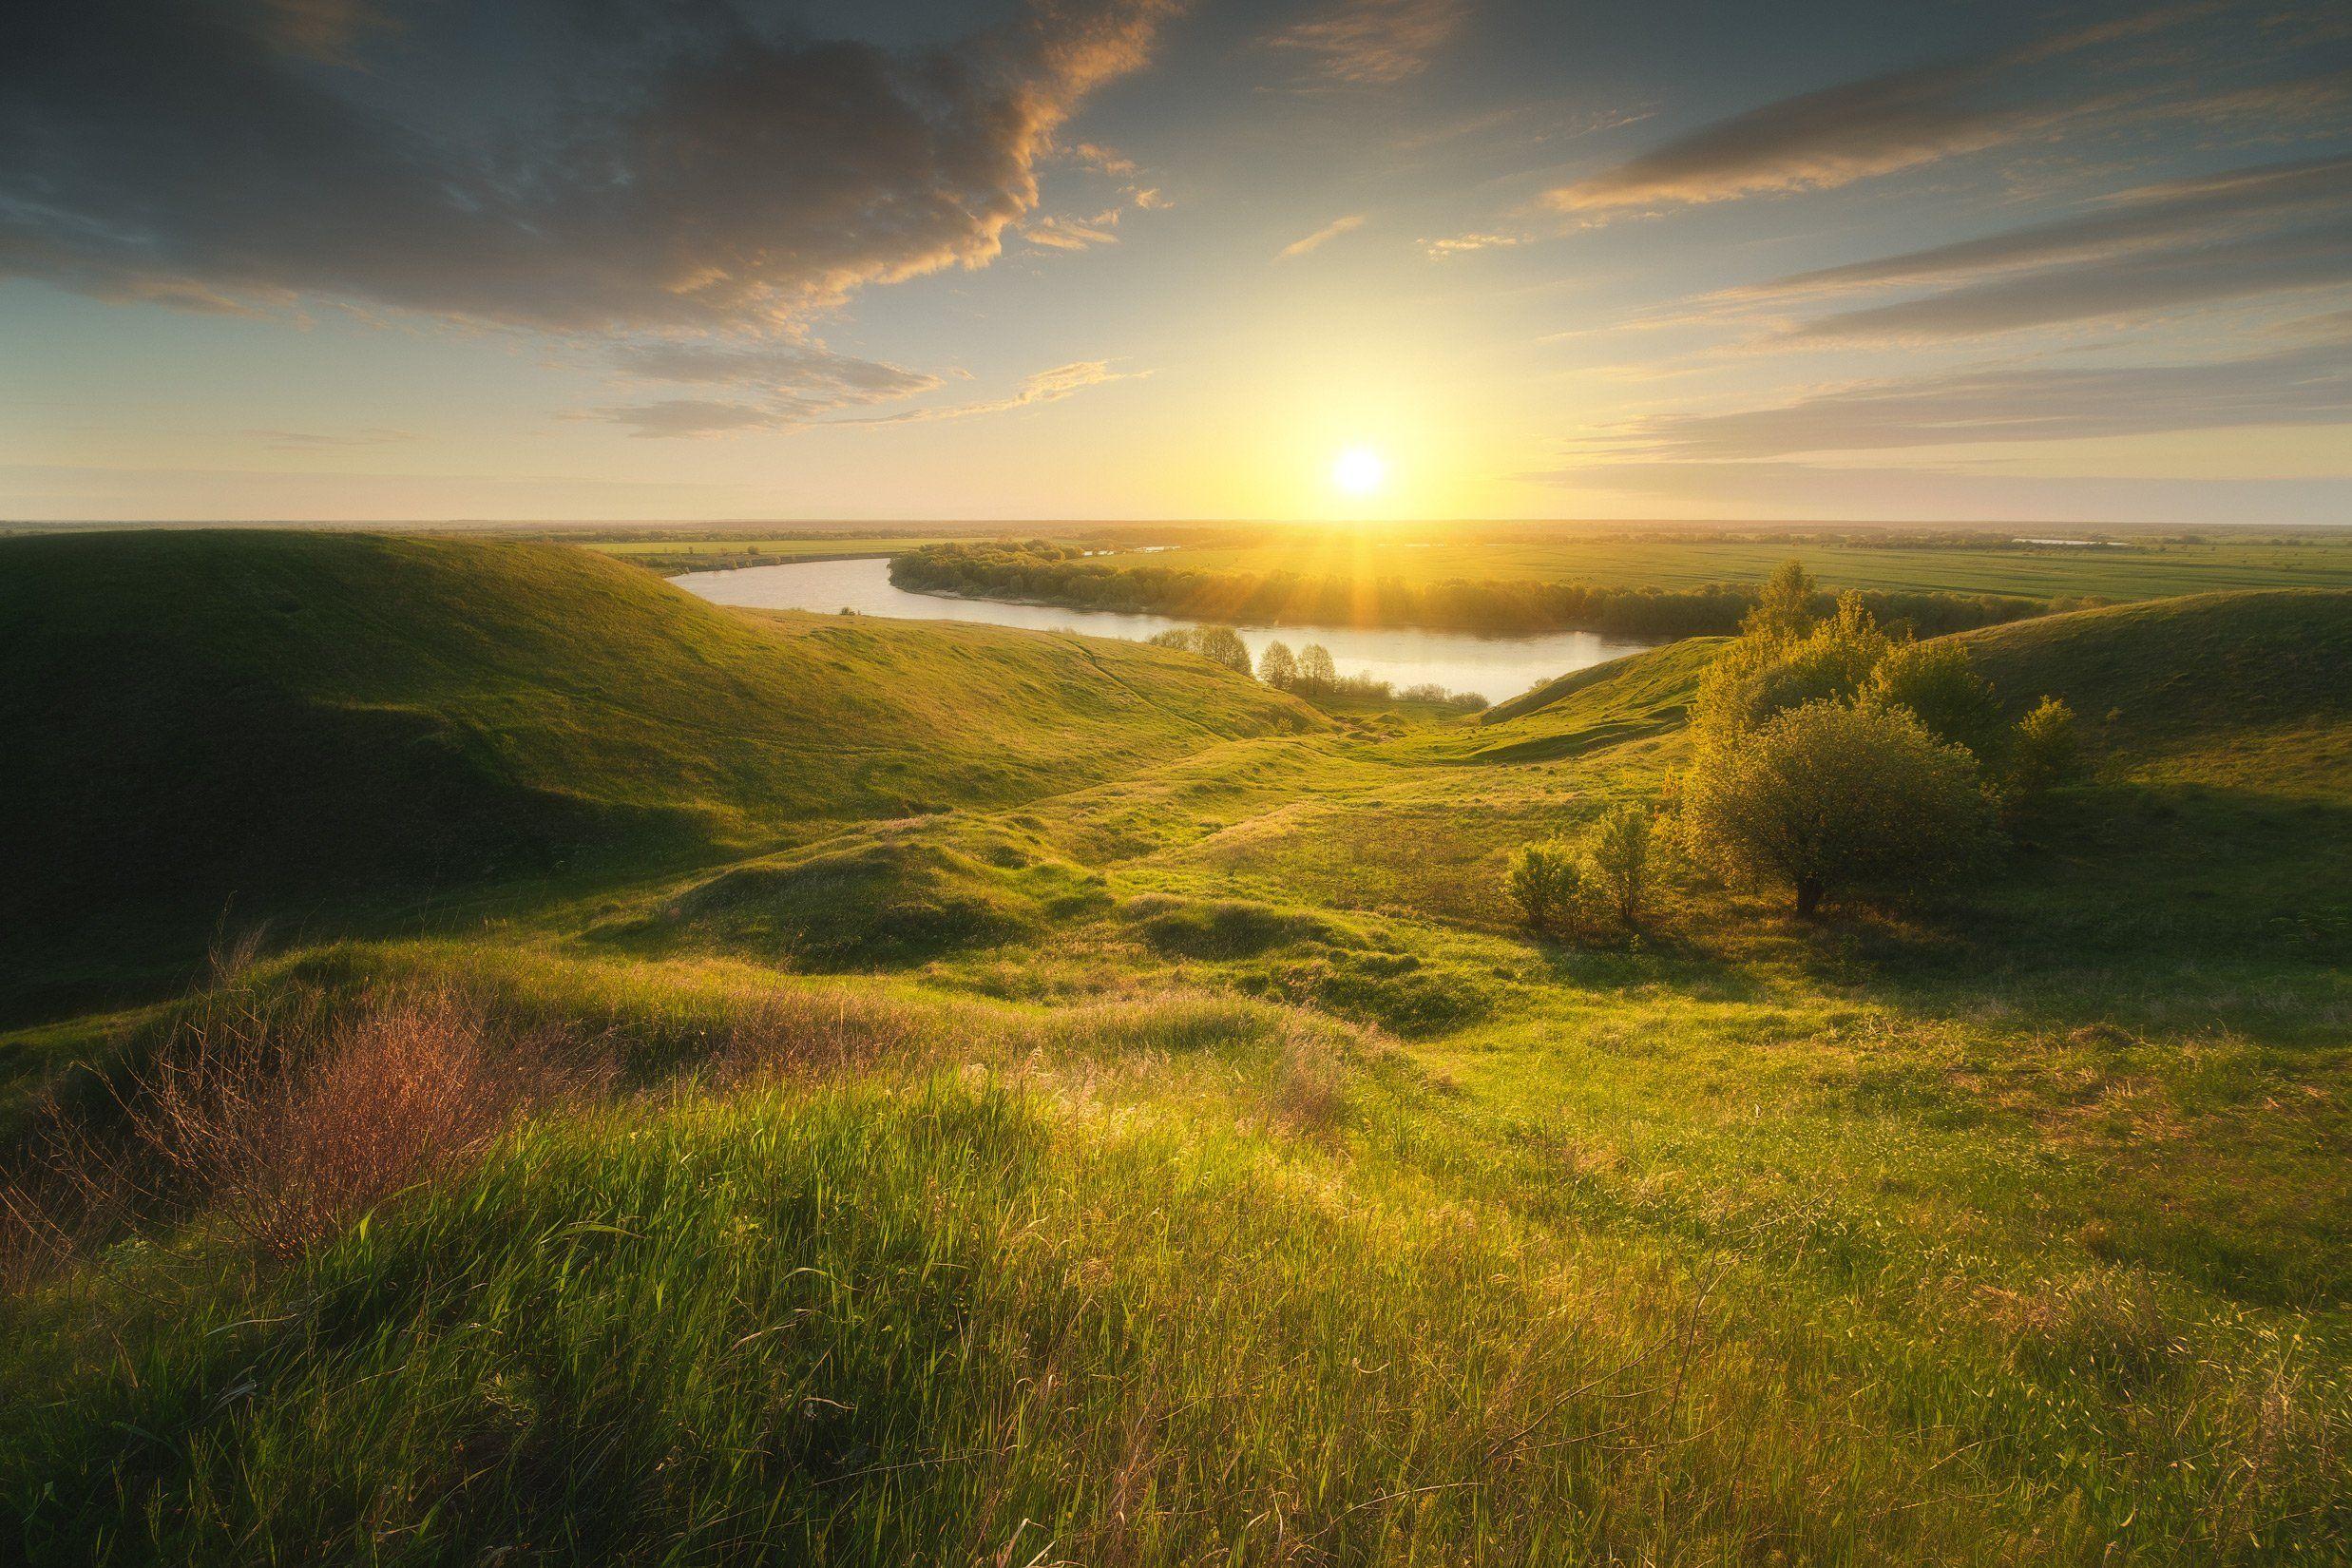 россия, подмосковье, московская область, ока, река, пейзаж, природа, закат, солнце, утро, равнина, весна, холмы, Оборотов Алексей